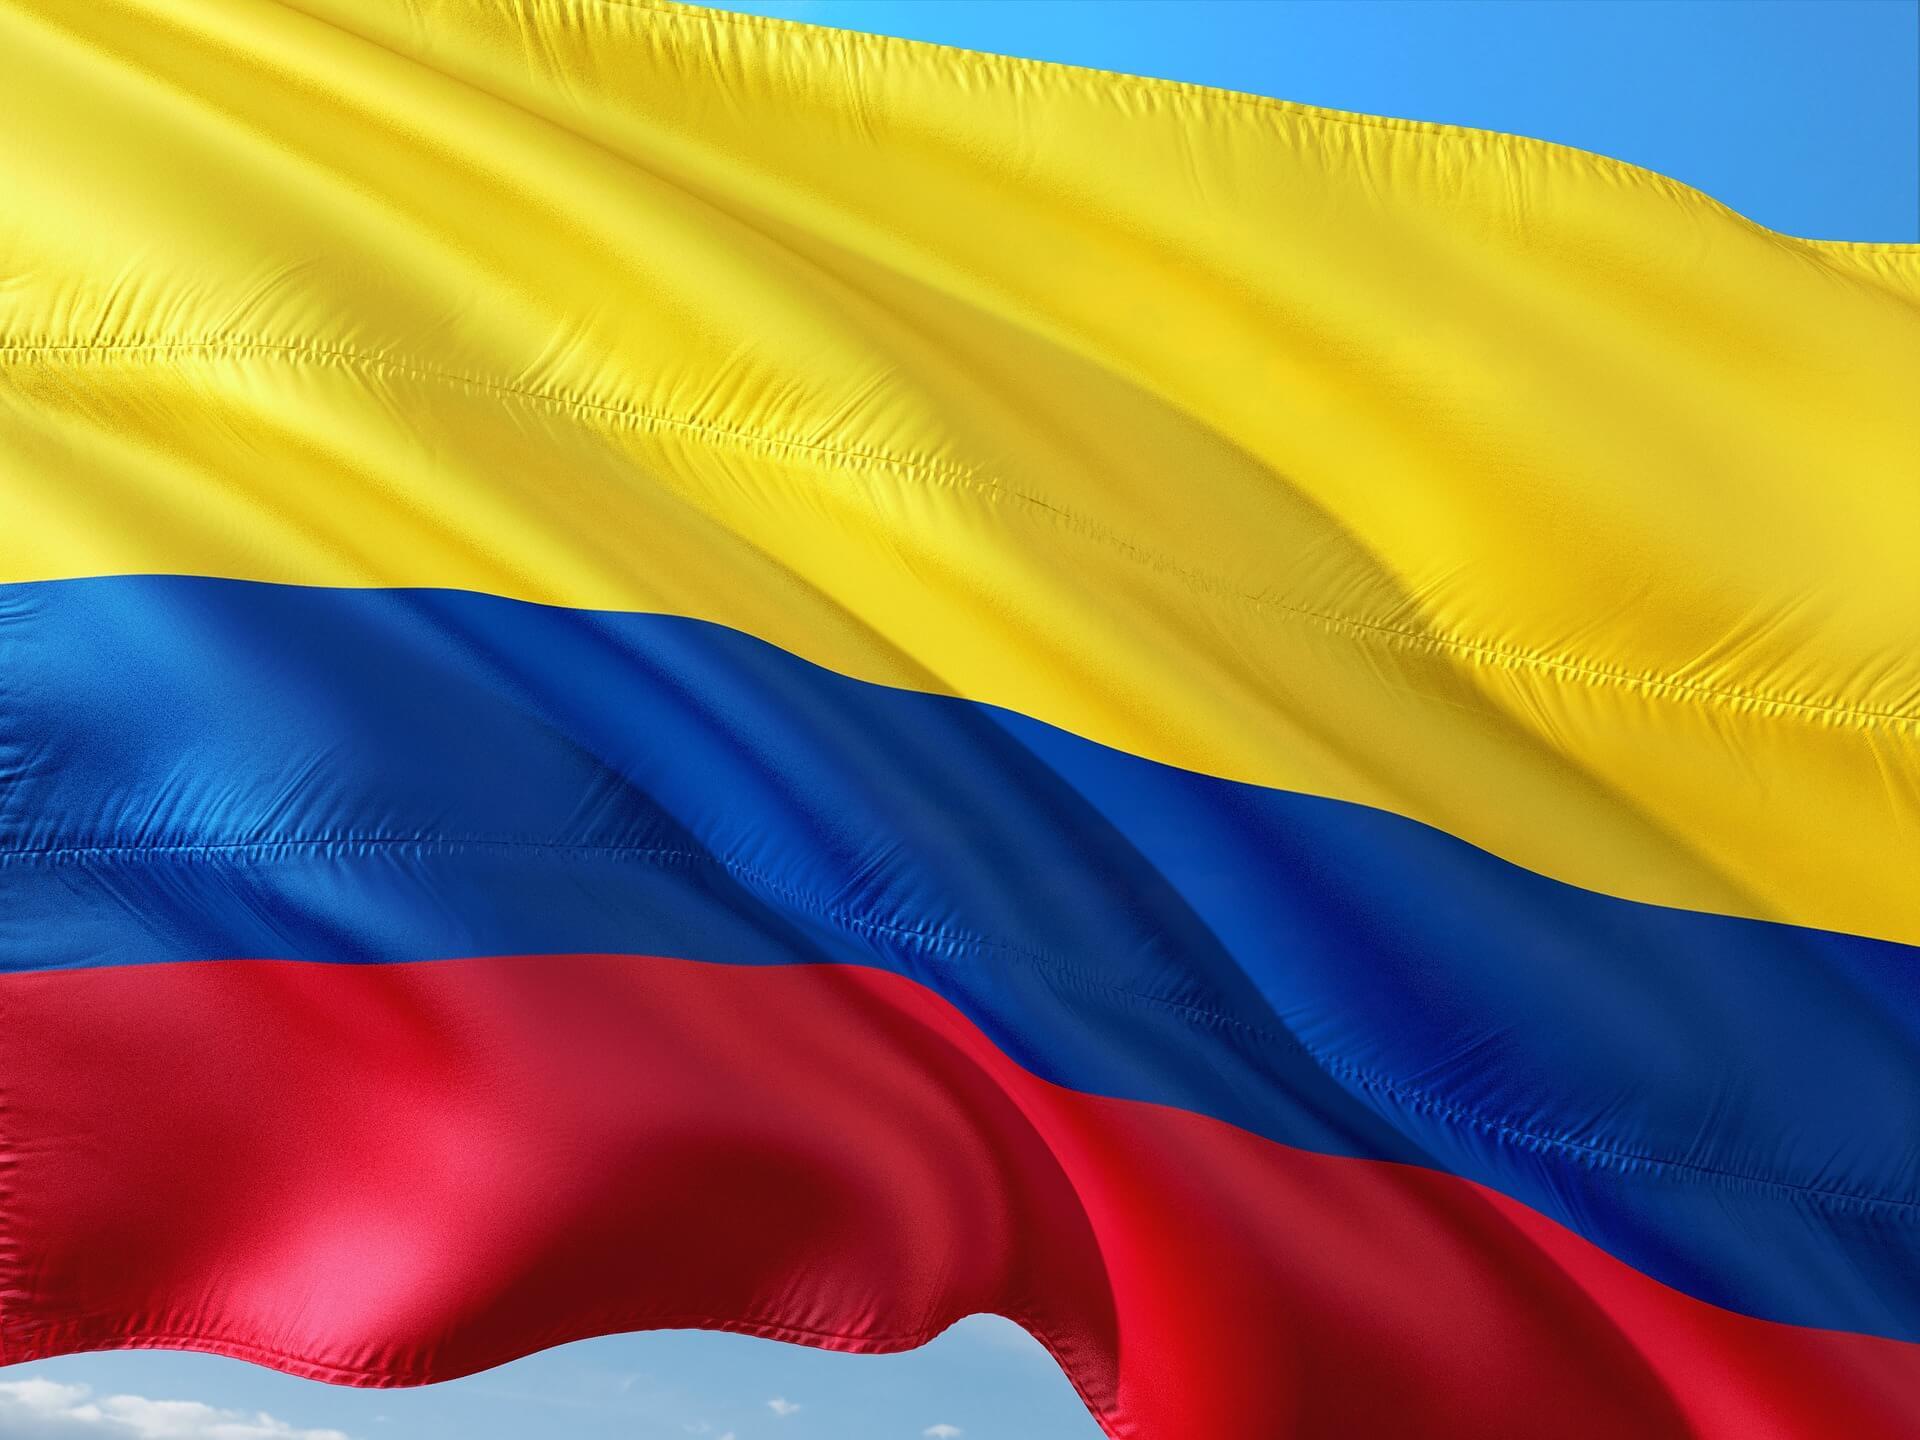 Apuestas deportivas en Bogotá ¿Dónde apostar?